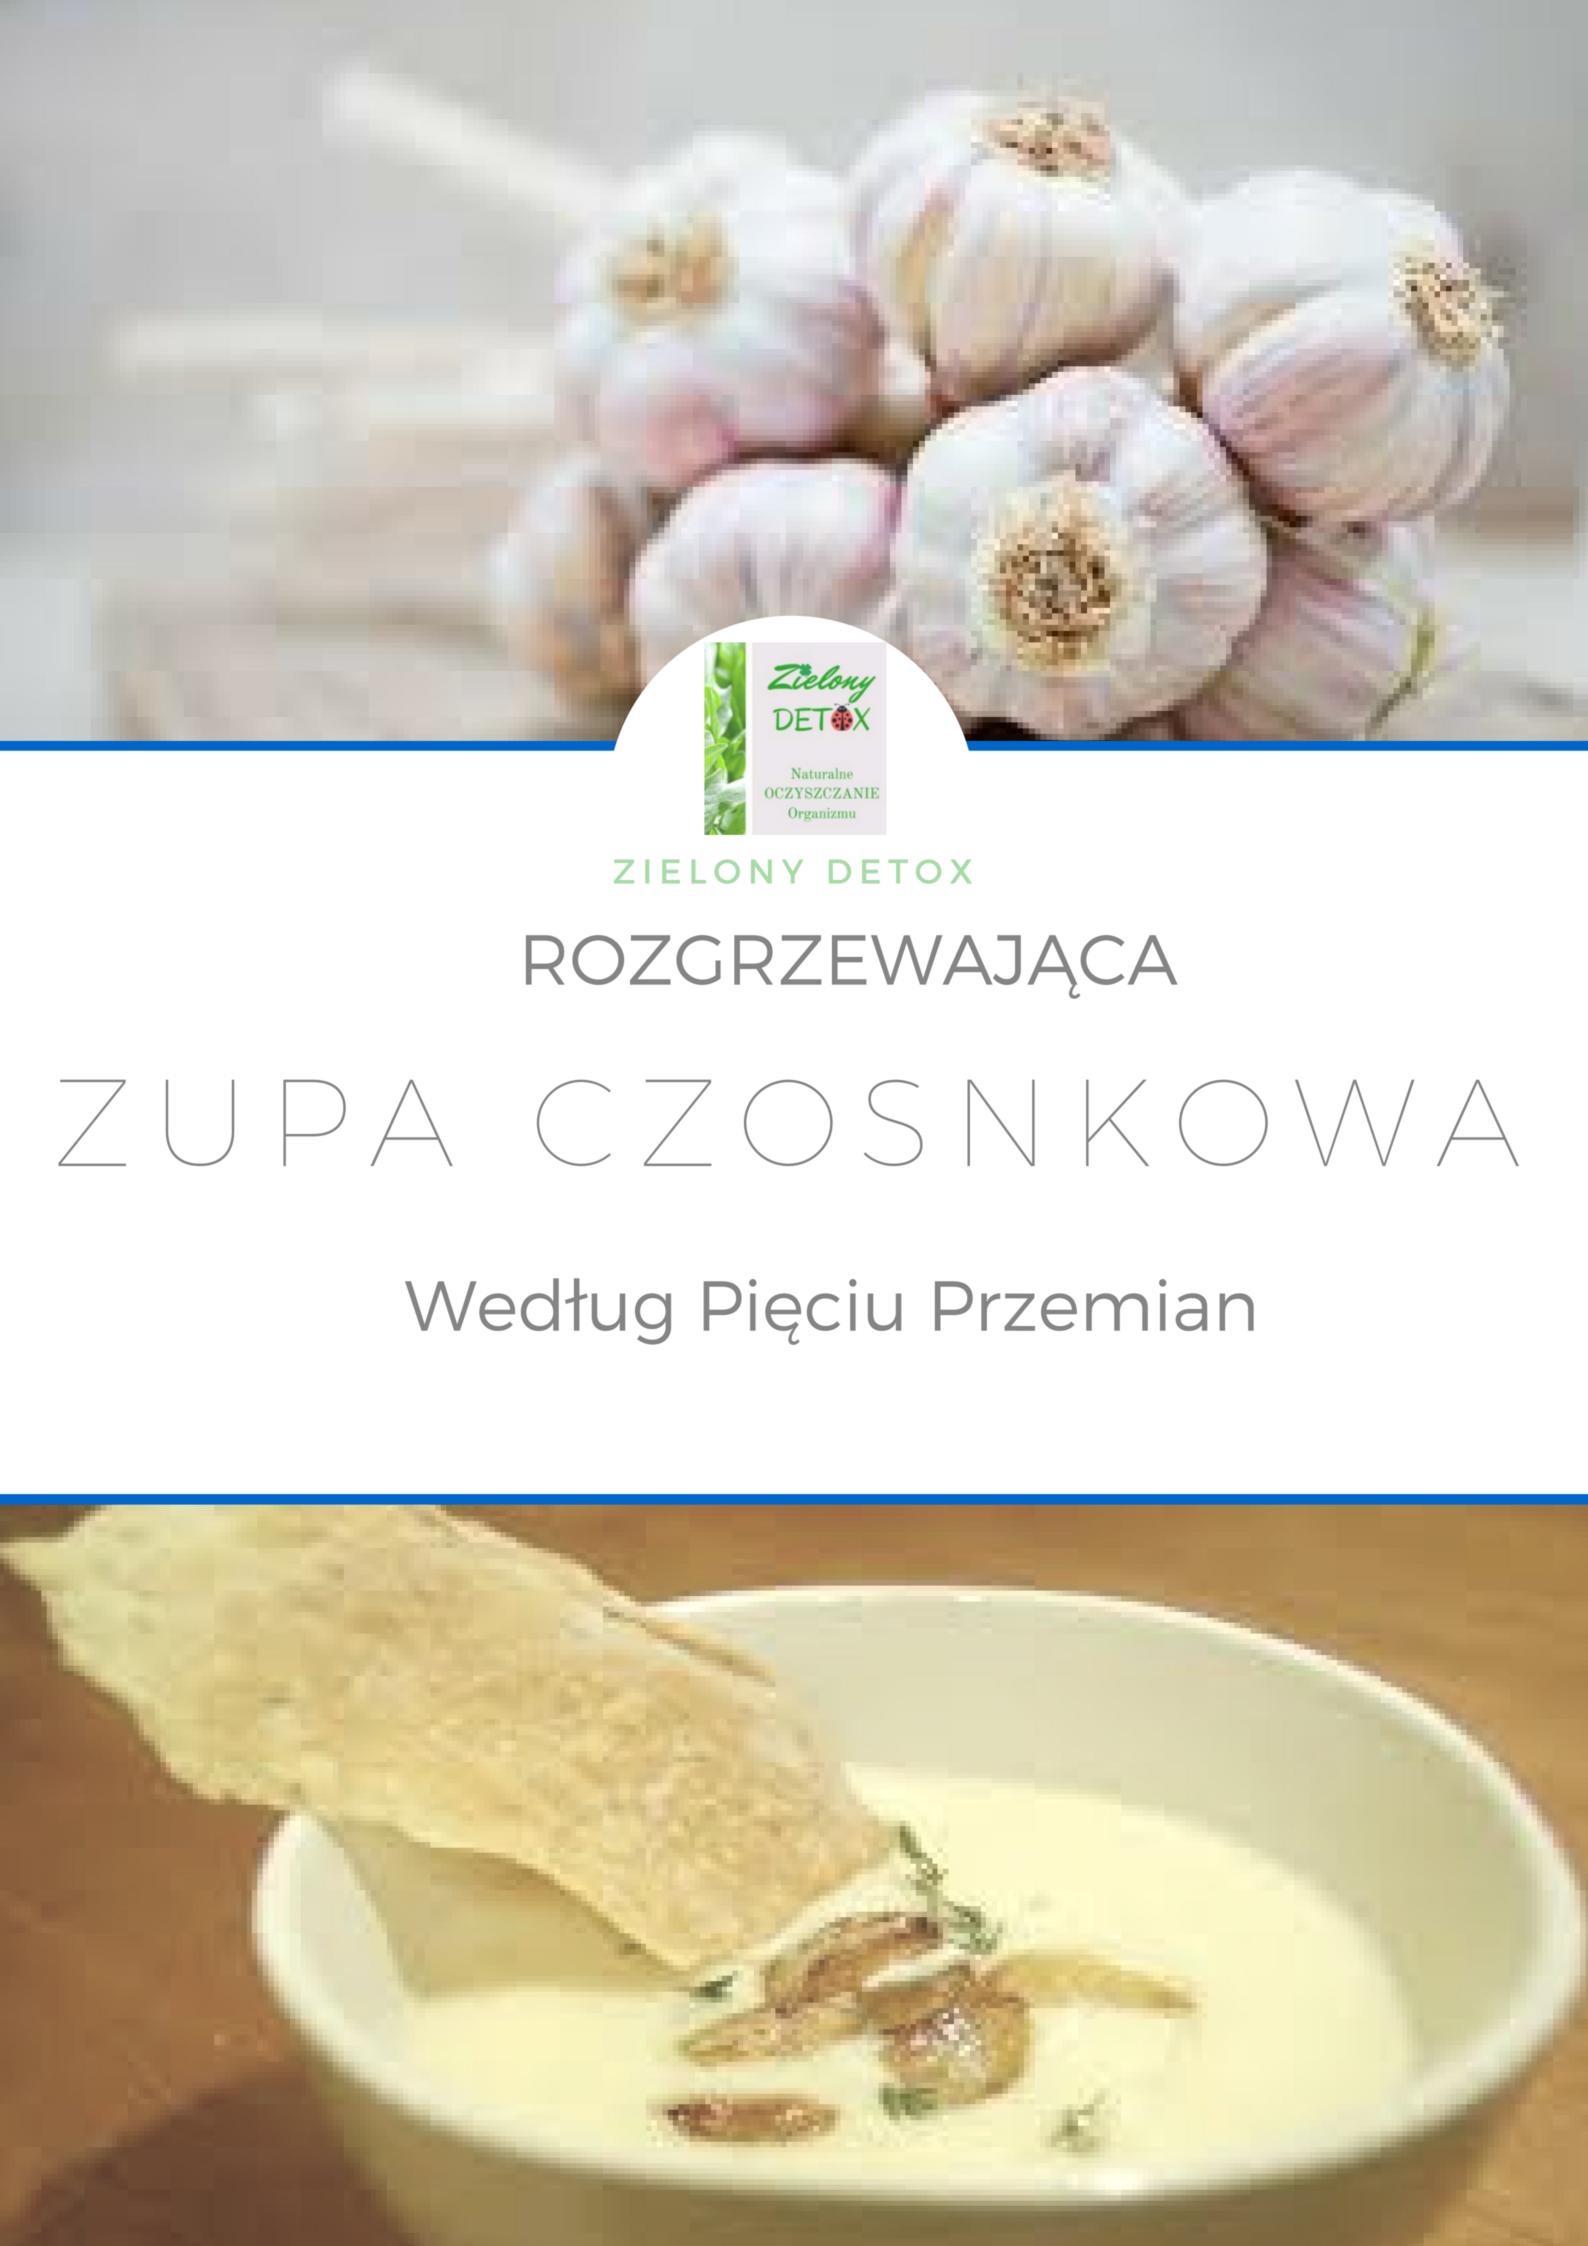 Zupa Czosnkowa Wedlug Pieciu Przemian Rozgrzewa I Chroni Przed Infekcjami Detox Food Gluten Free Recipies Vegan Recipes